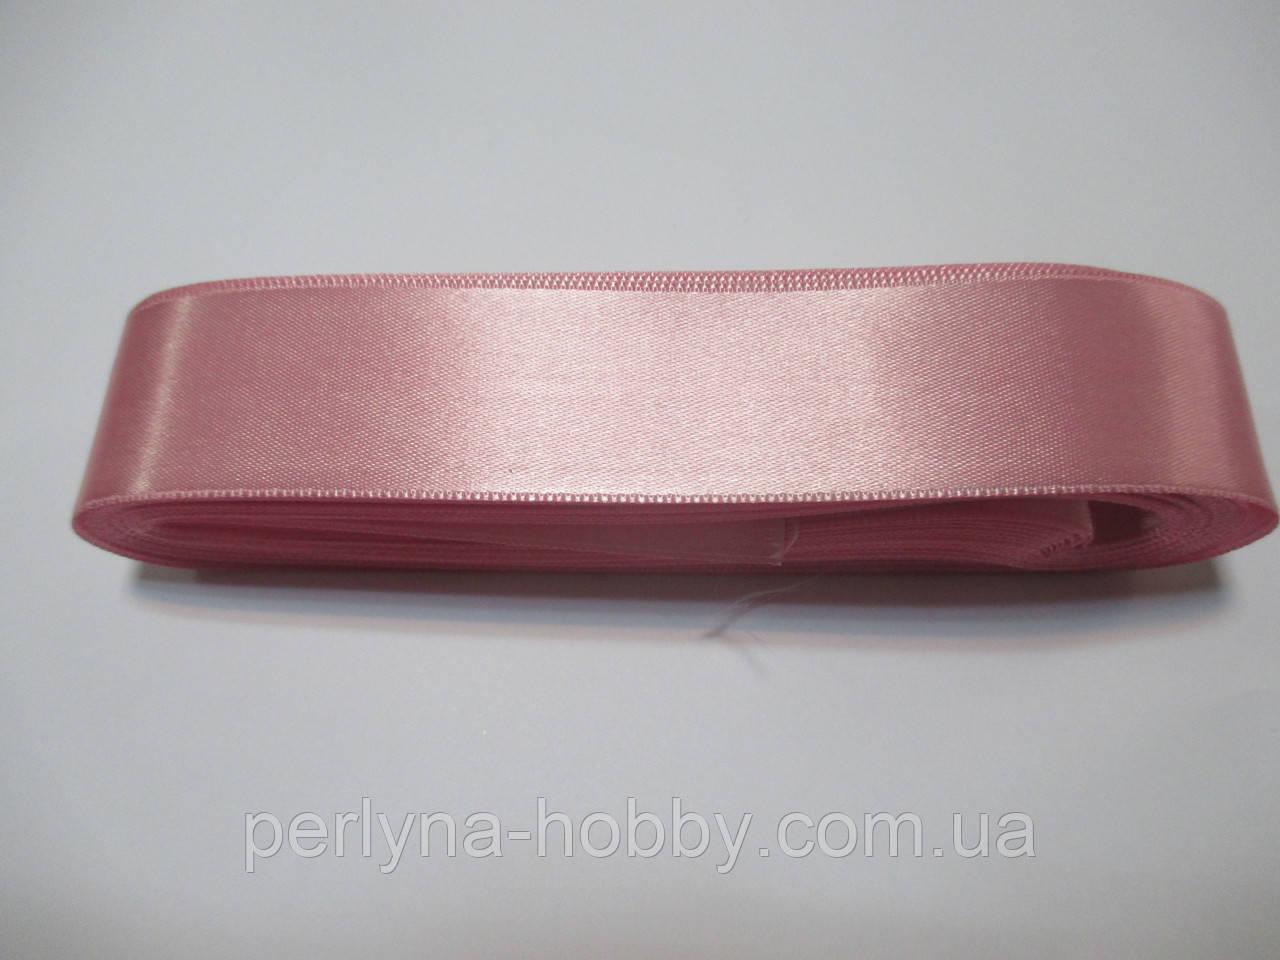 Стрічка атласна  двостороння 3 см ( 10 метрів)  рожева світла